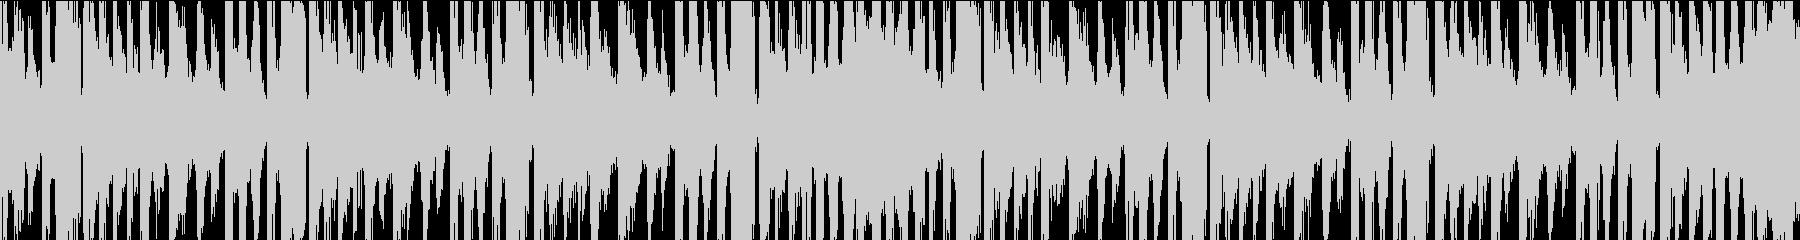 メニュー、キャラ選択等(ループ・20秒)の未再生の波形